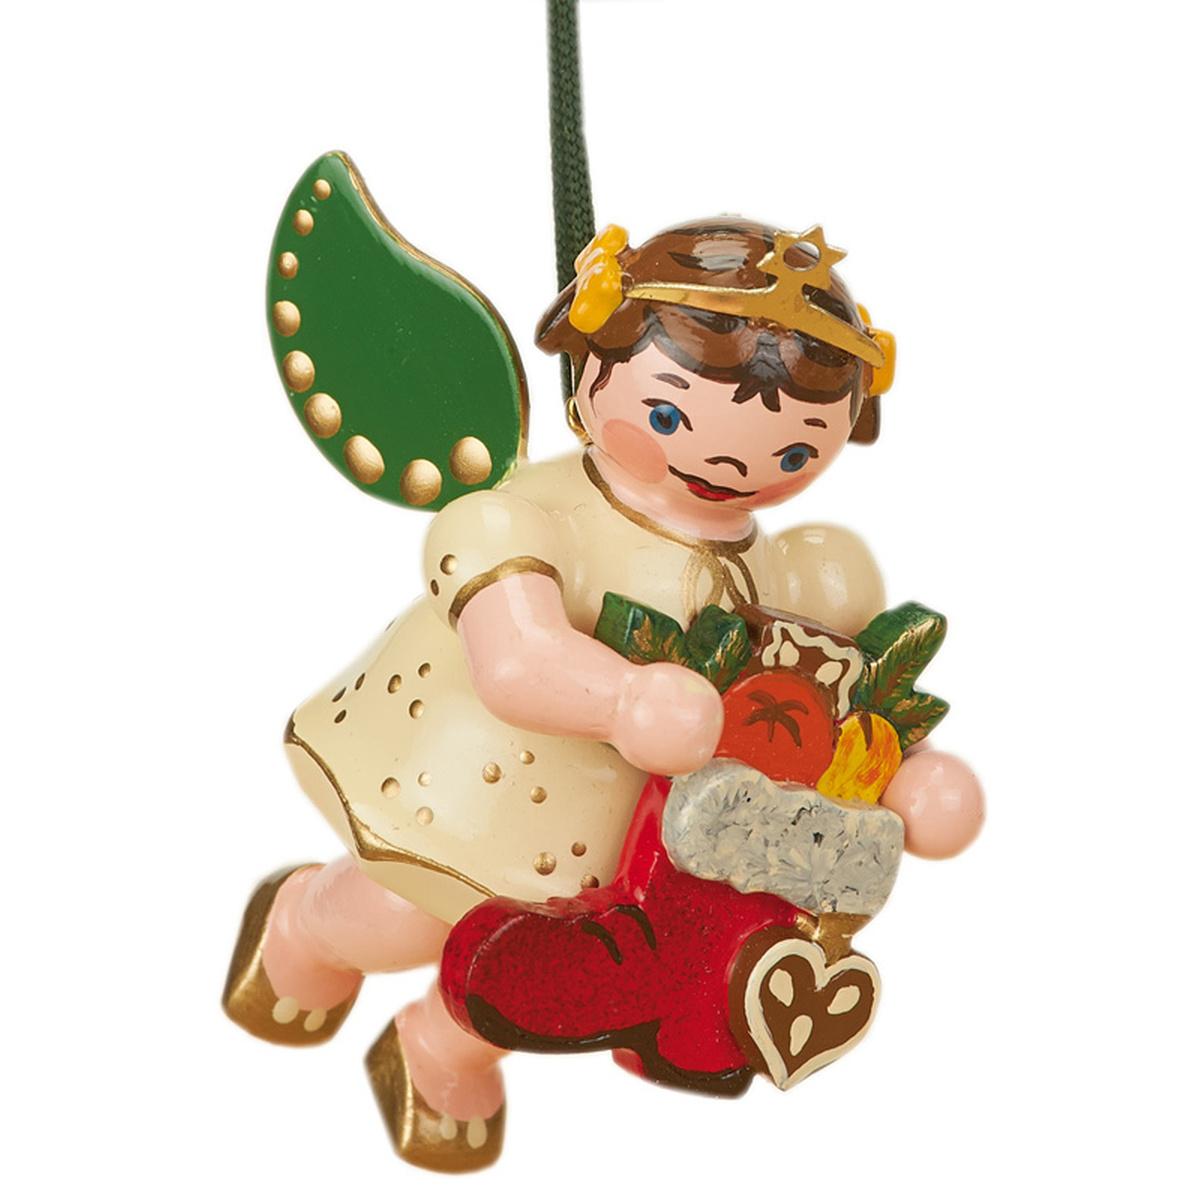 Baumbehang engel girlande von hubrig volkskunst f r - Weihnachtsdeko figuren ...